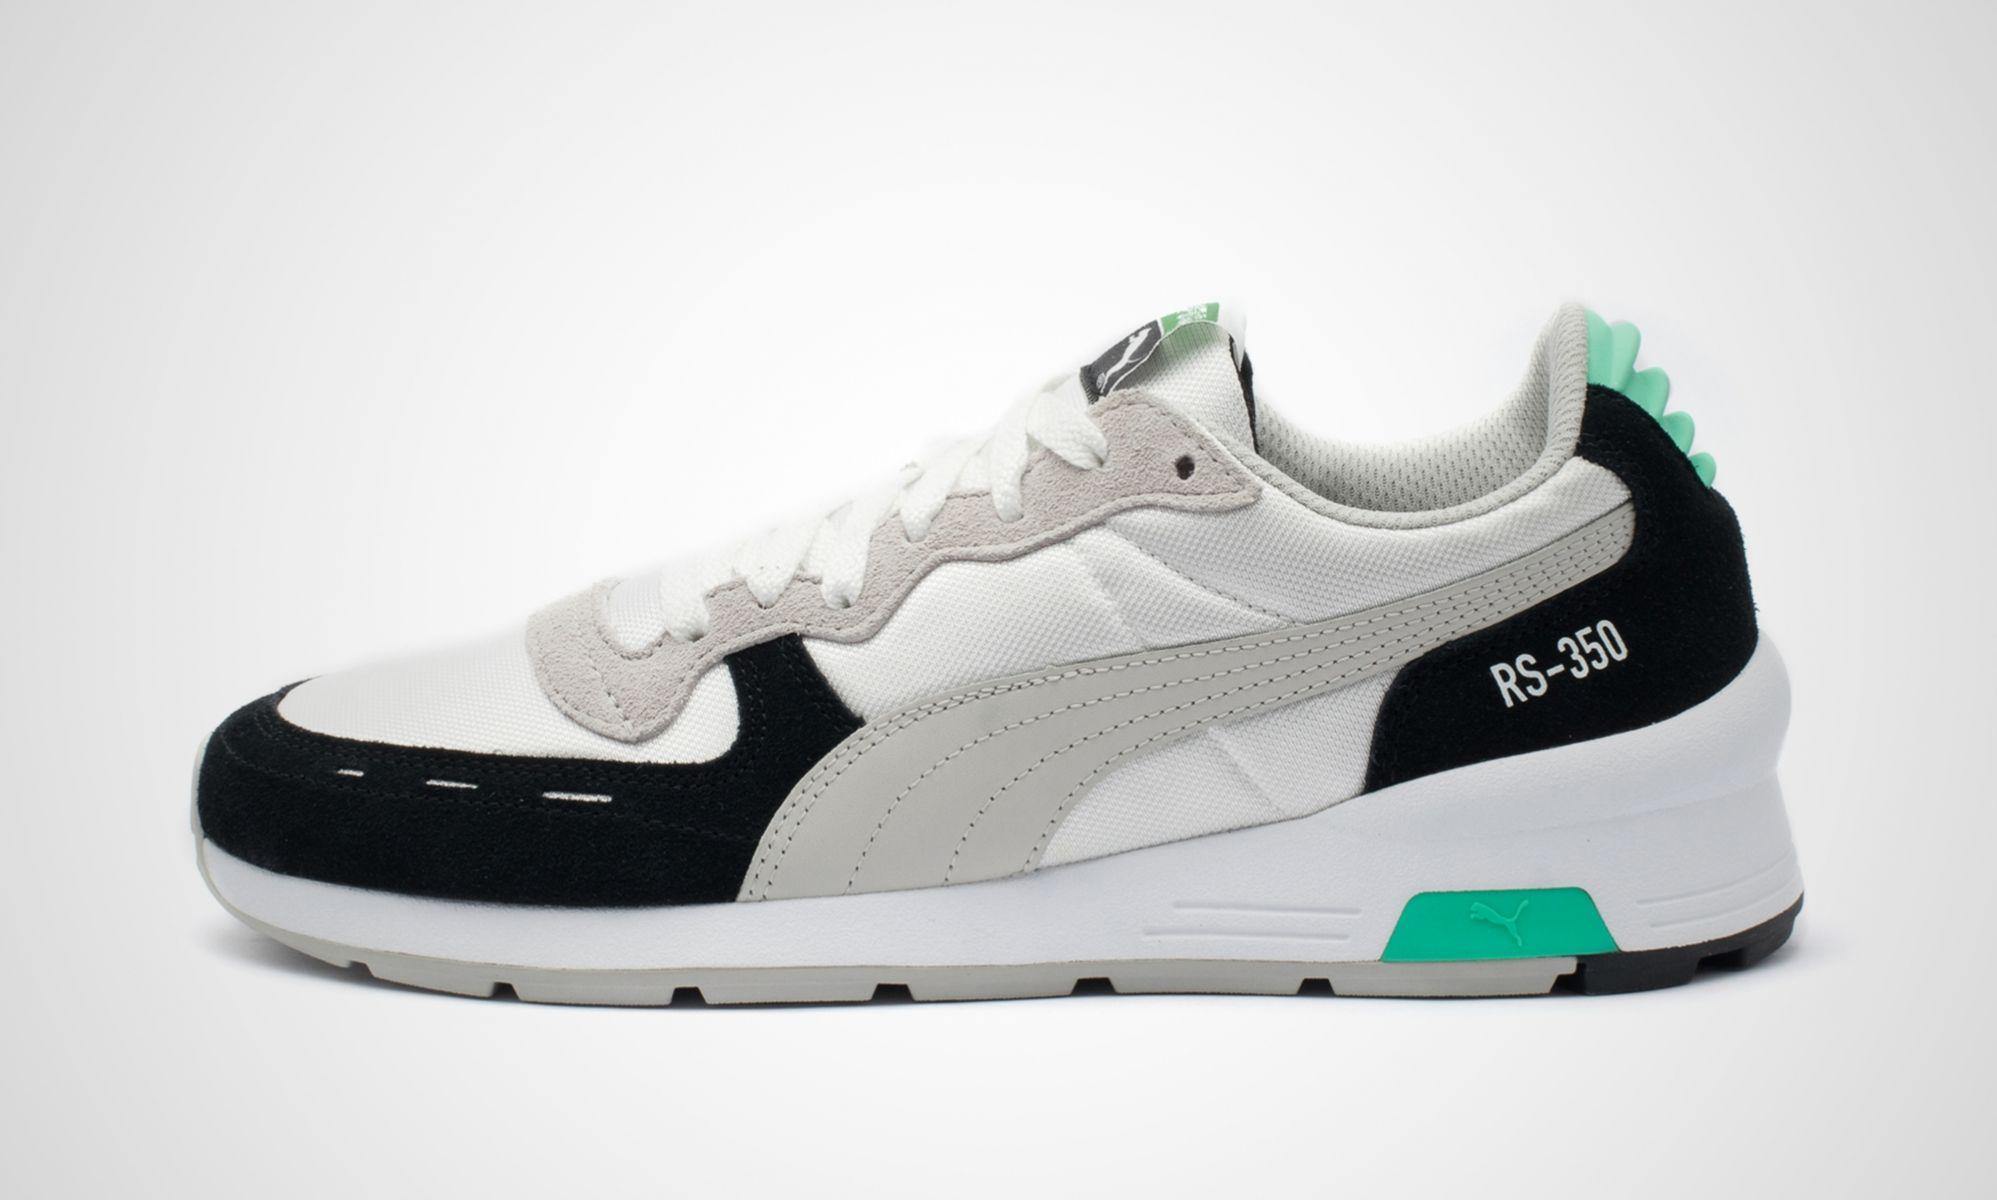 Der Beitrag Puma RS-350 erschien zuerst auf Dead Stock Sneakerblog.